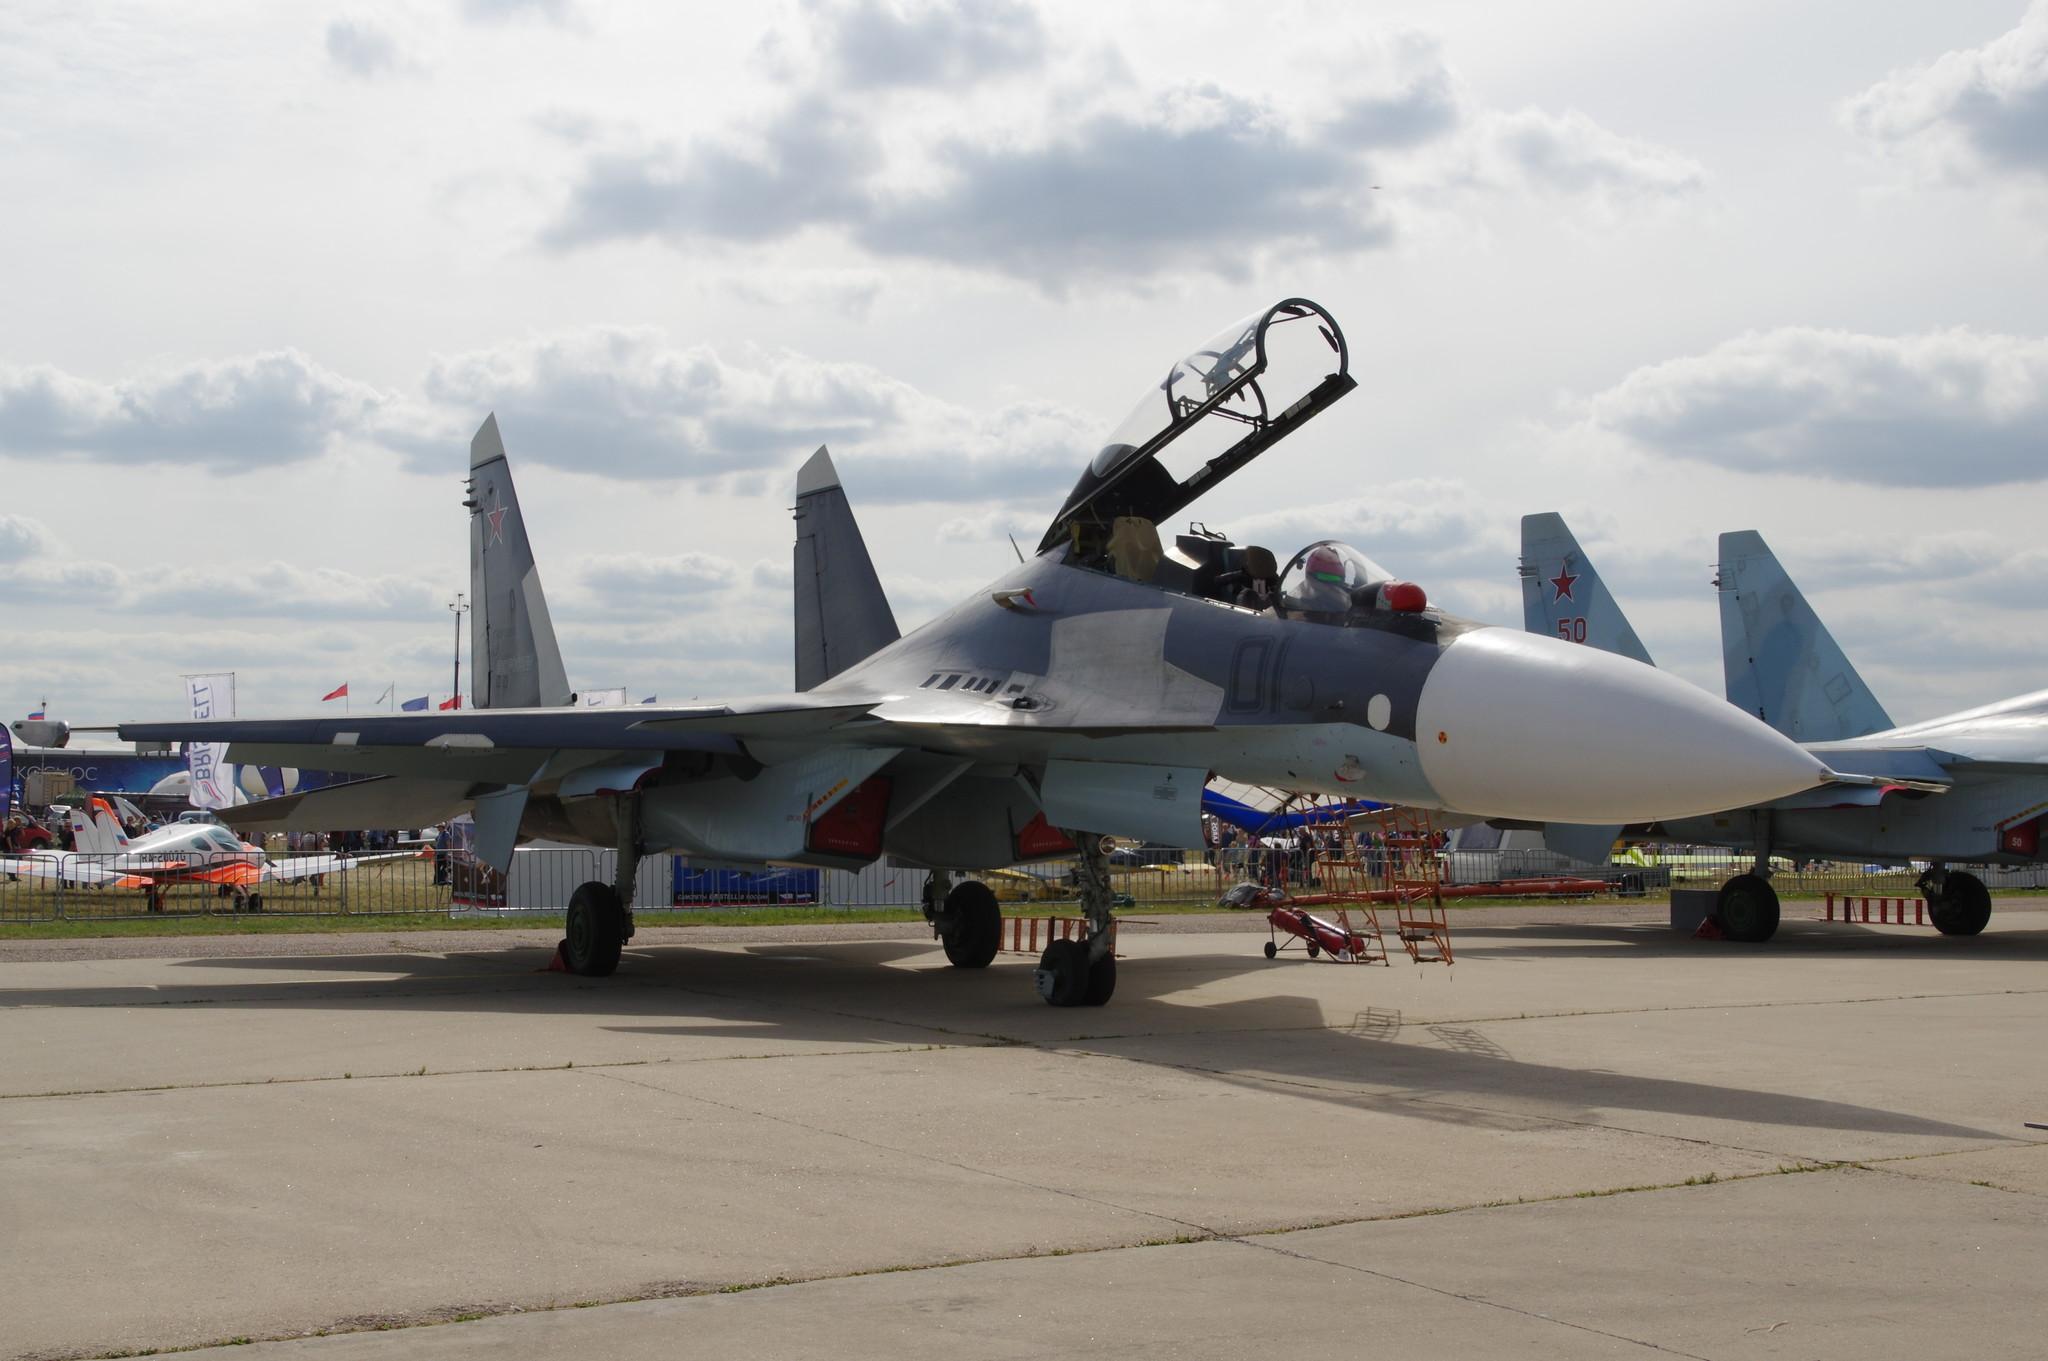 Тяжёлый многоцелевой истребитель Су-30СМ